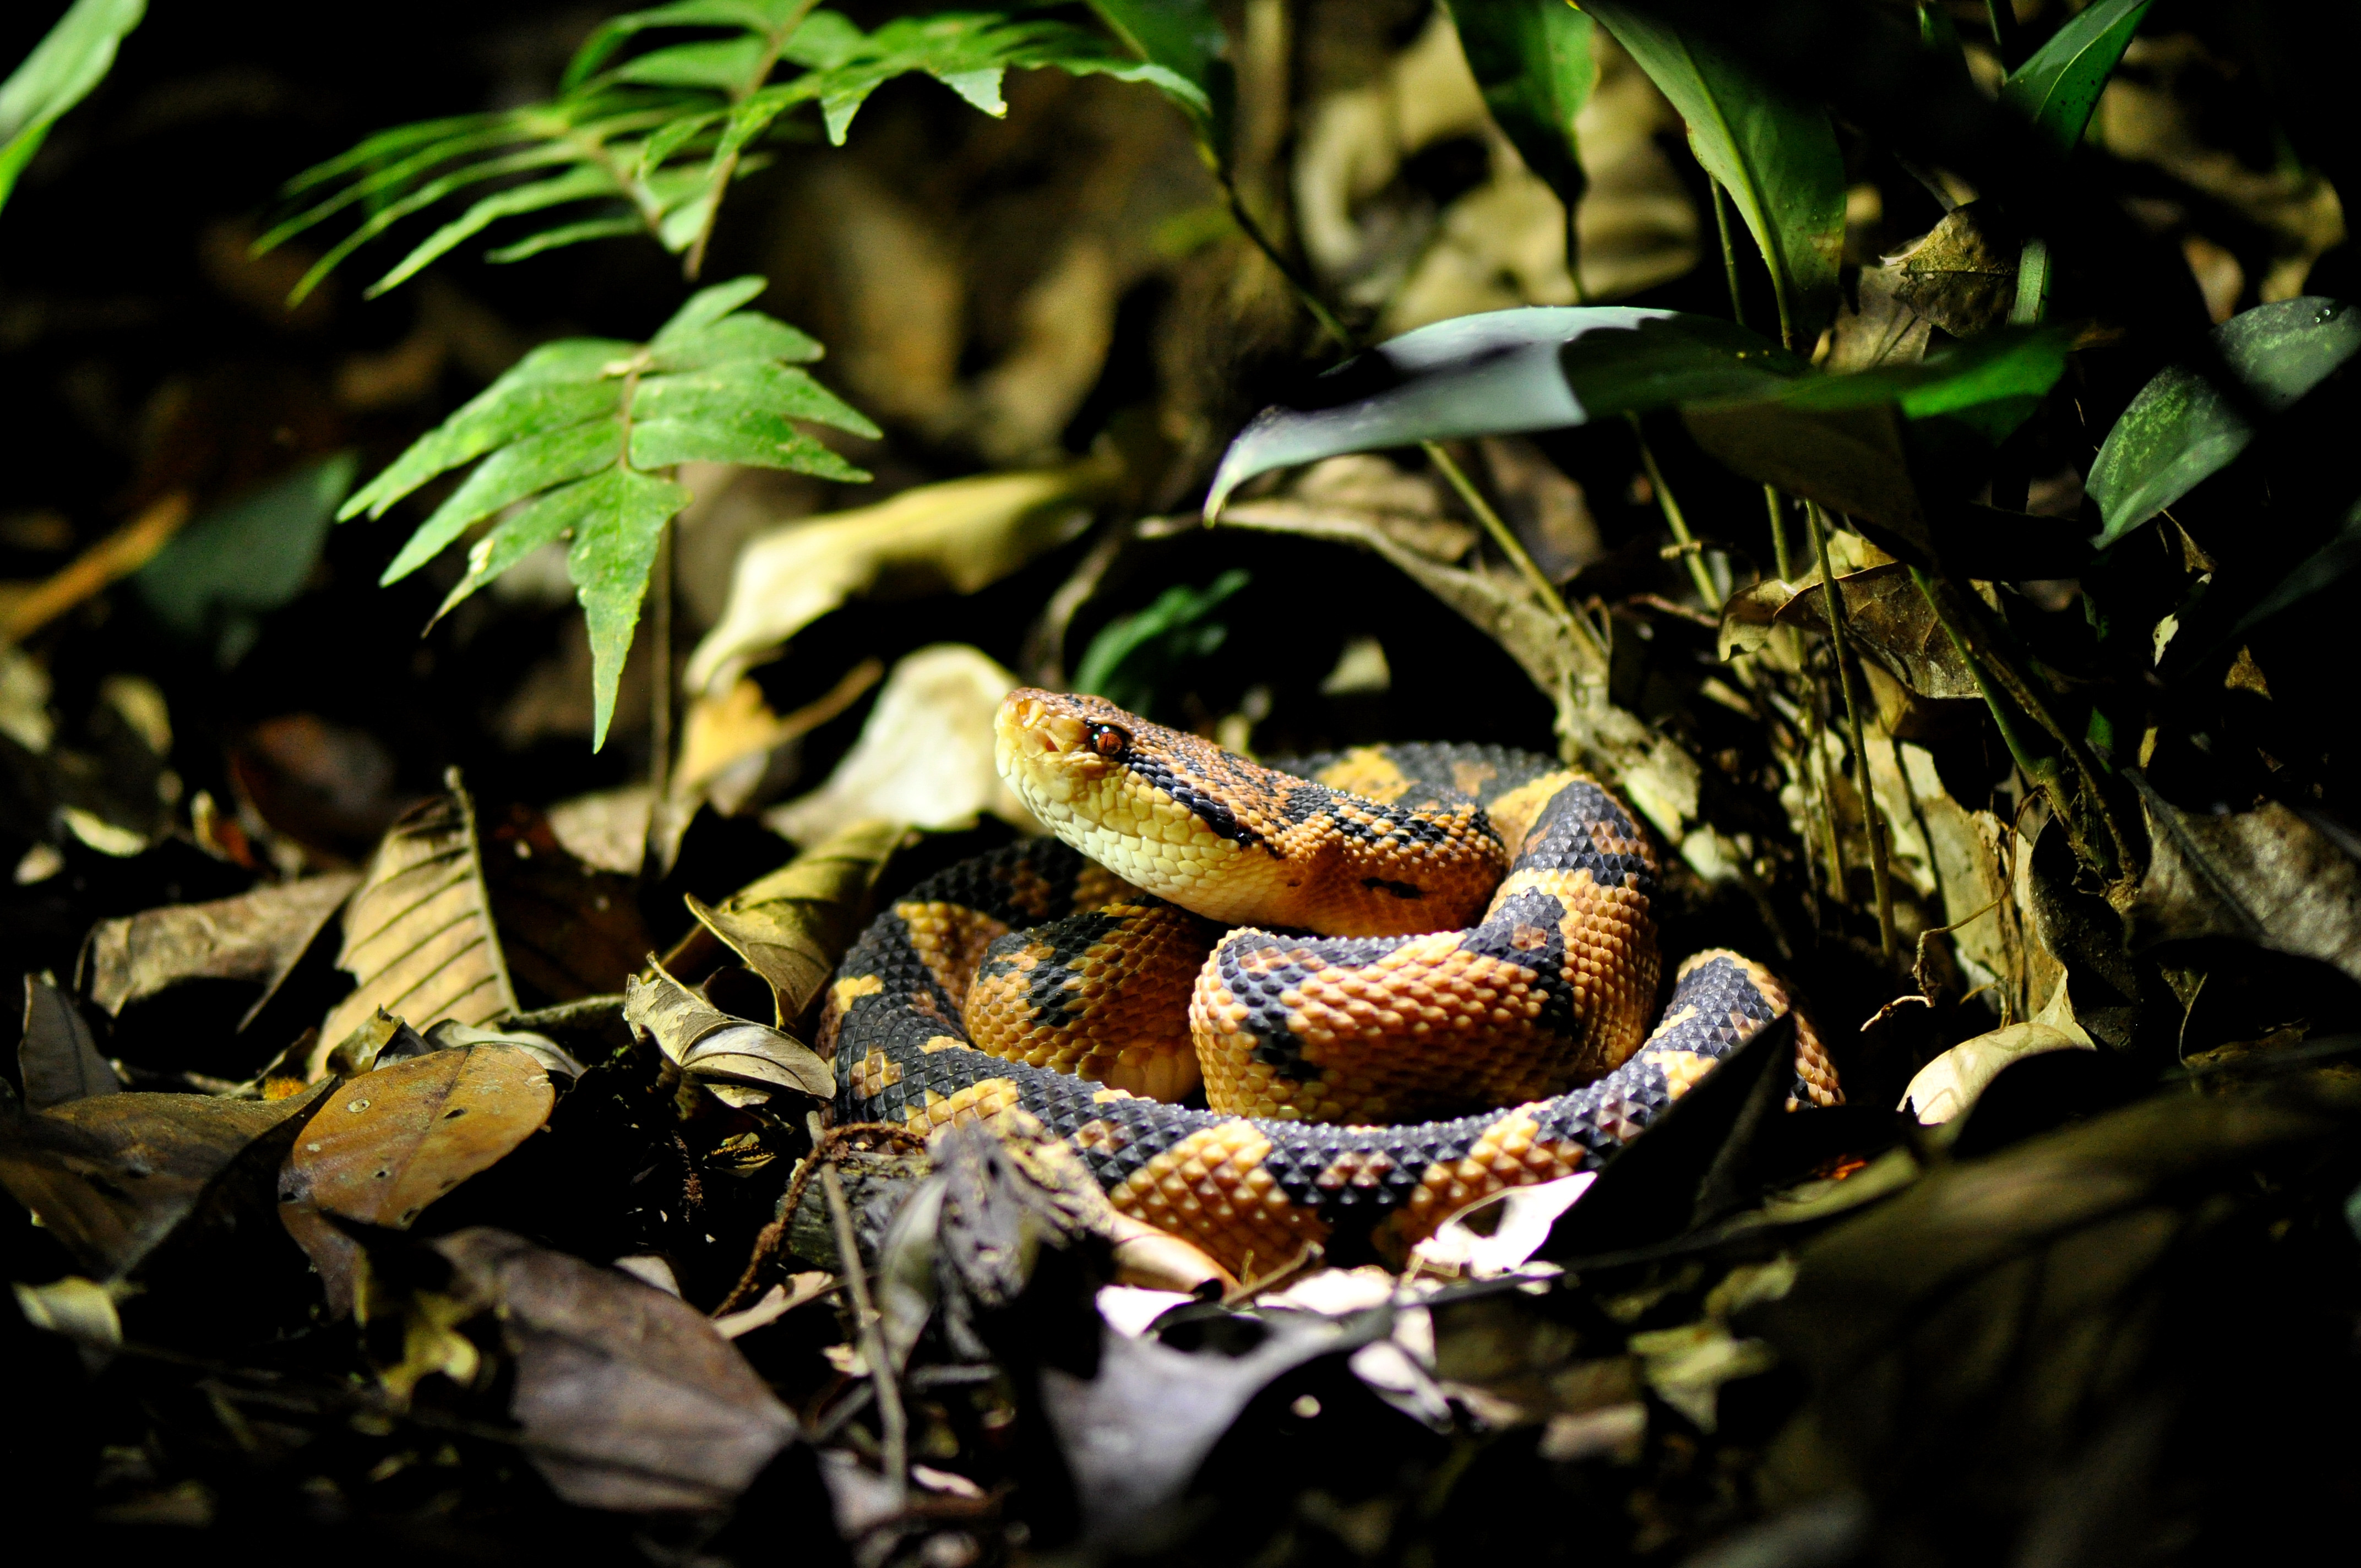 внутренних переработок, фото змей южной америки компания выступает